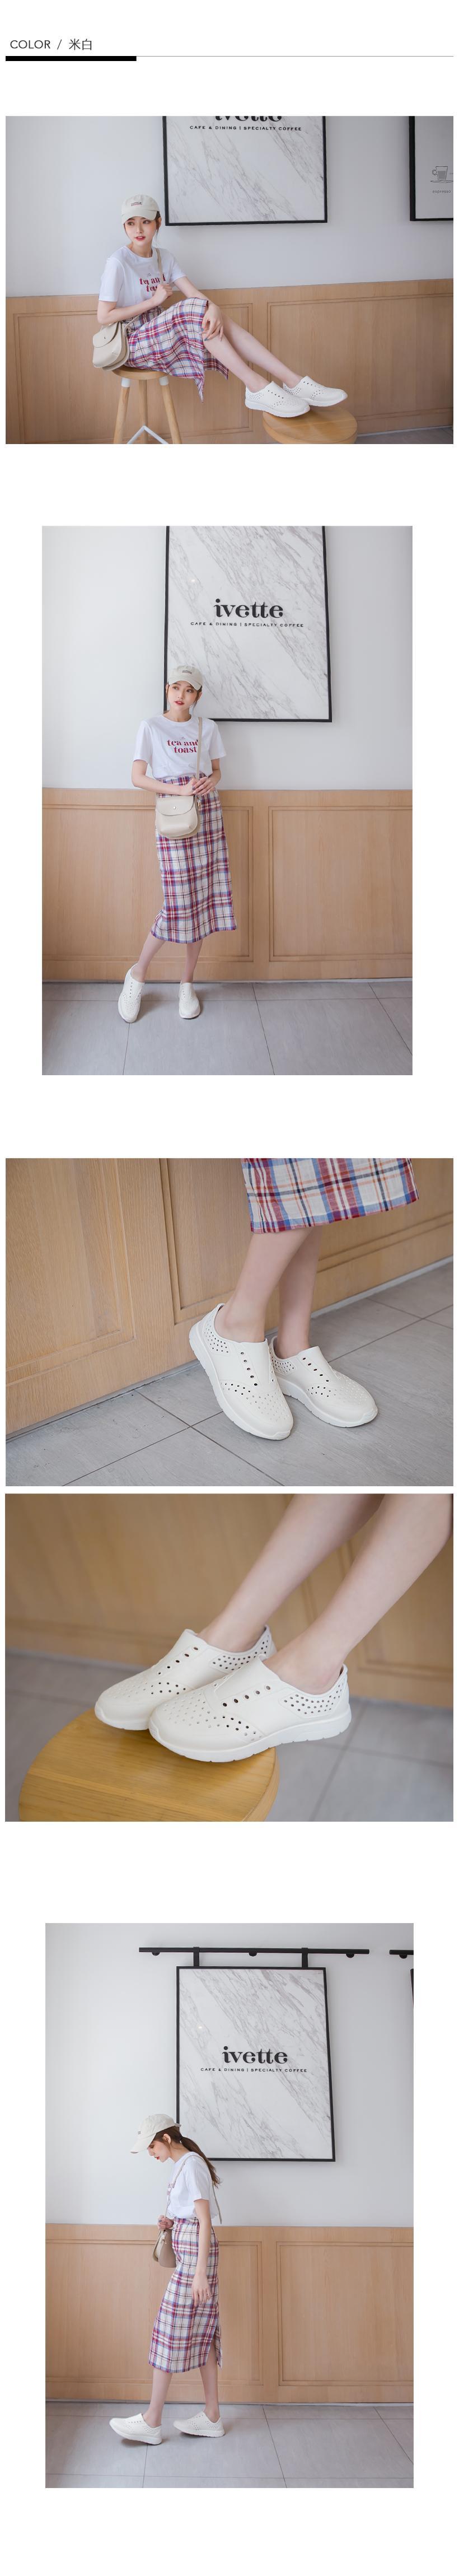 NeuTral-奶油洞洞防水懶人鞋(米白)-大尺碼